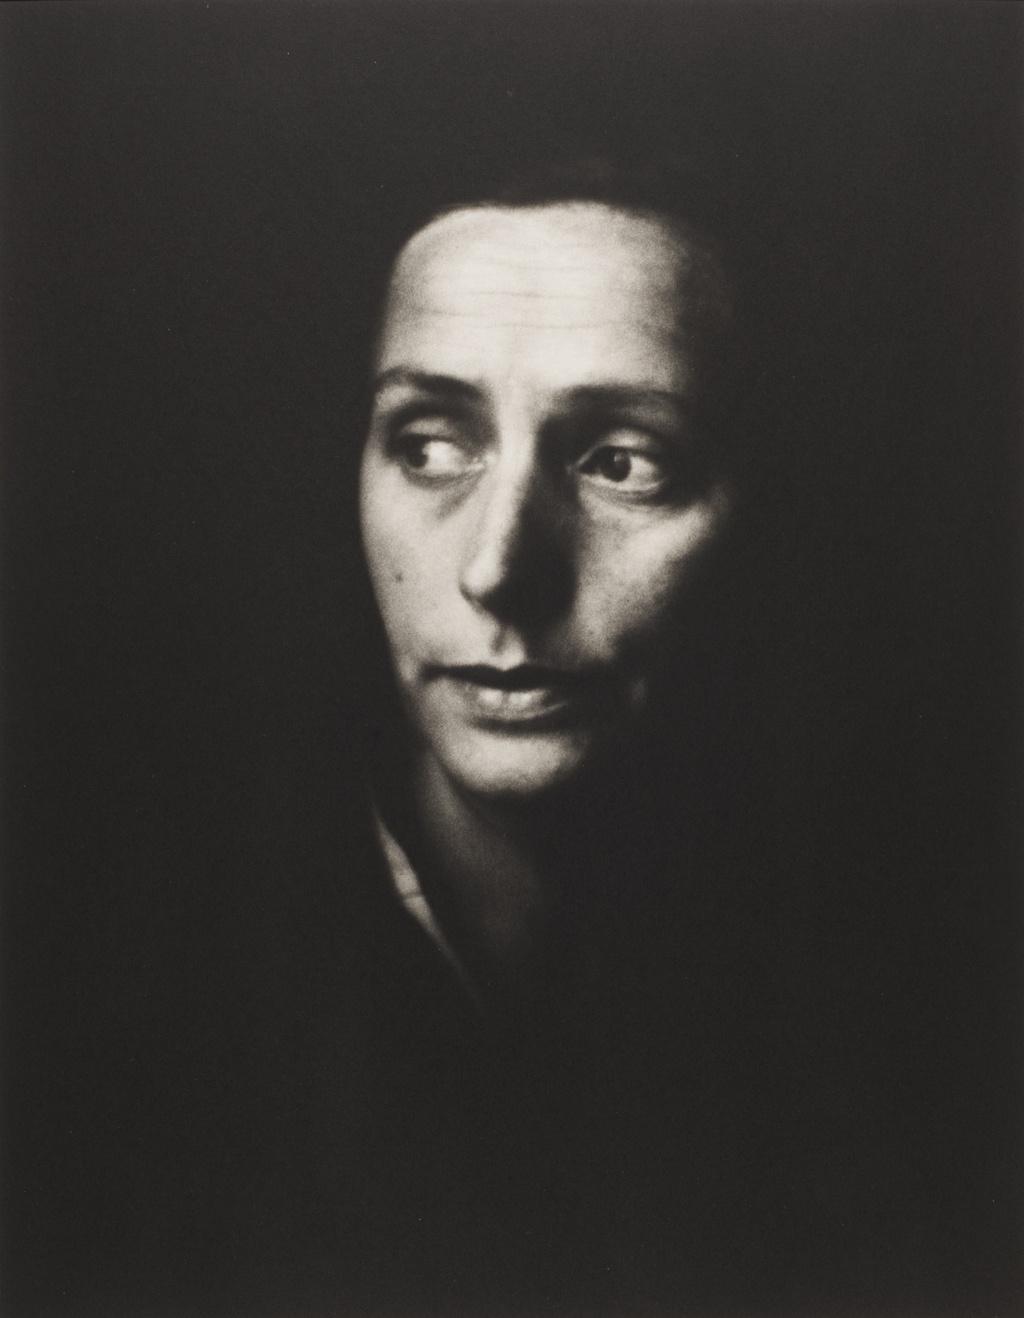 Roman Vishniac)